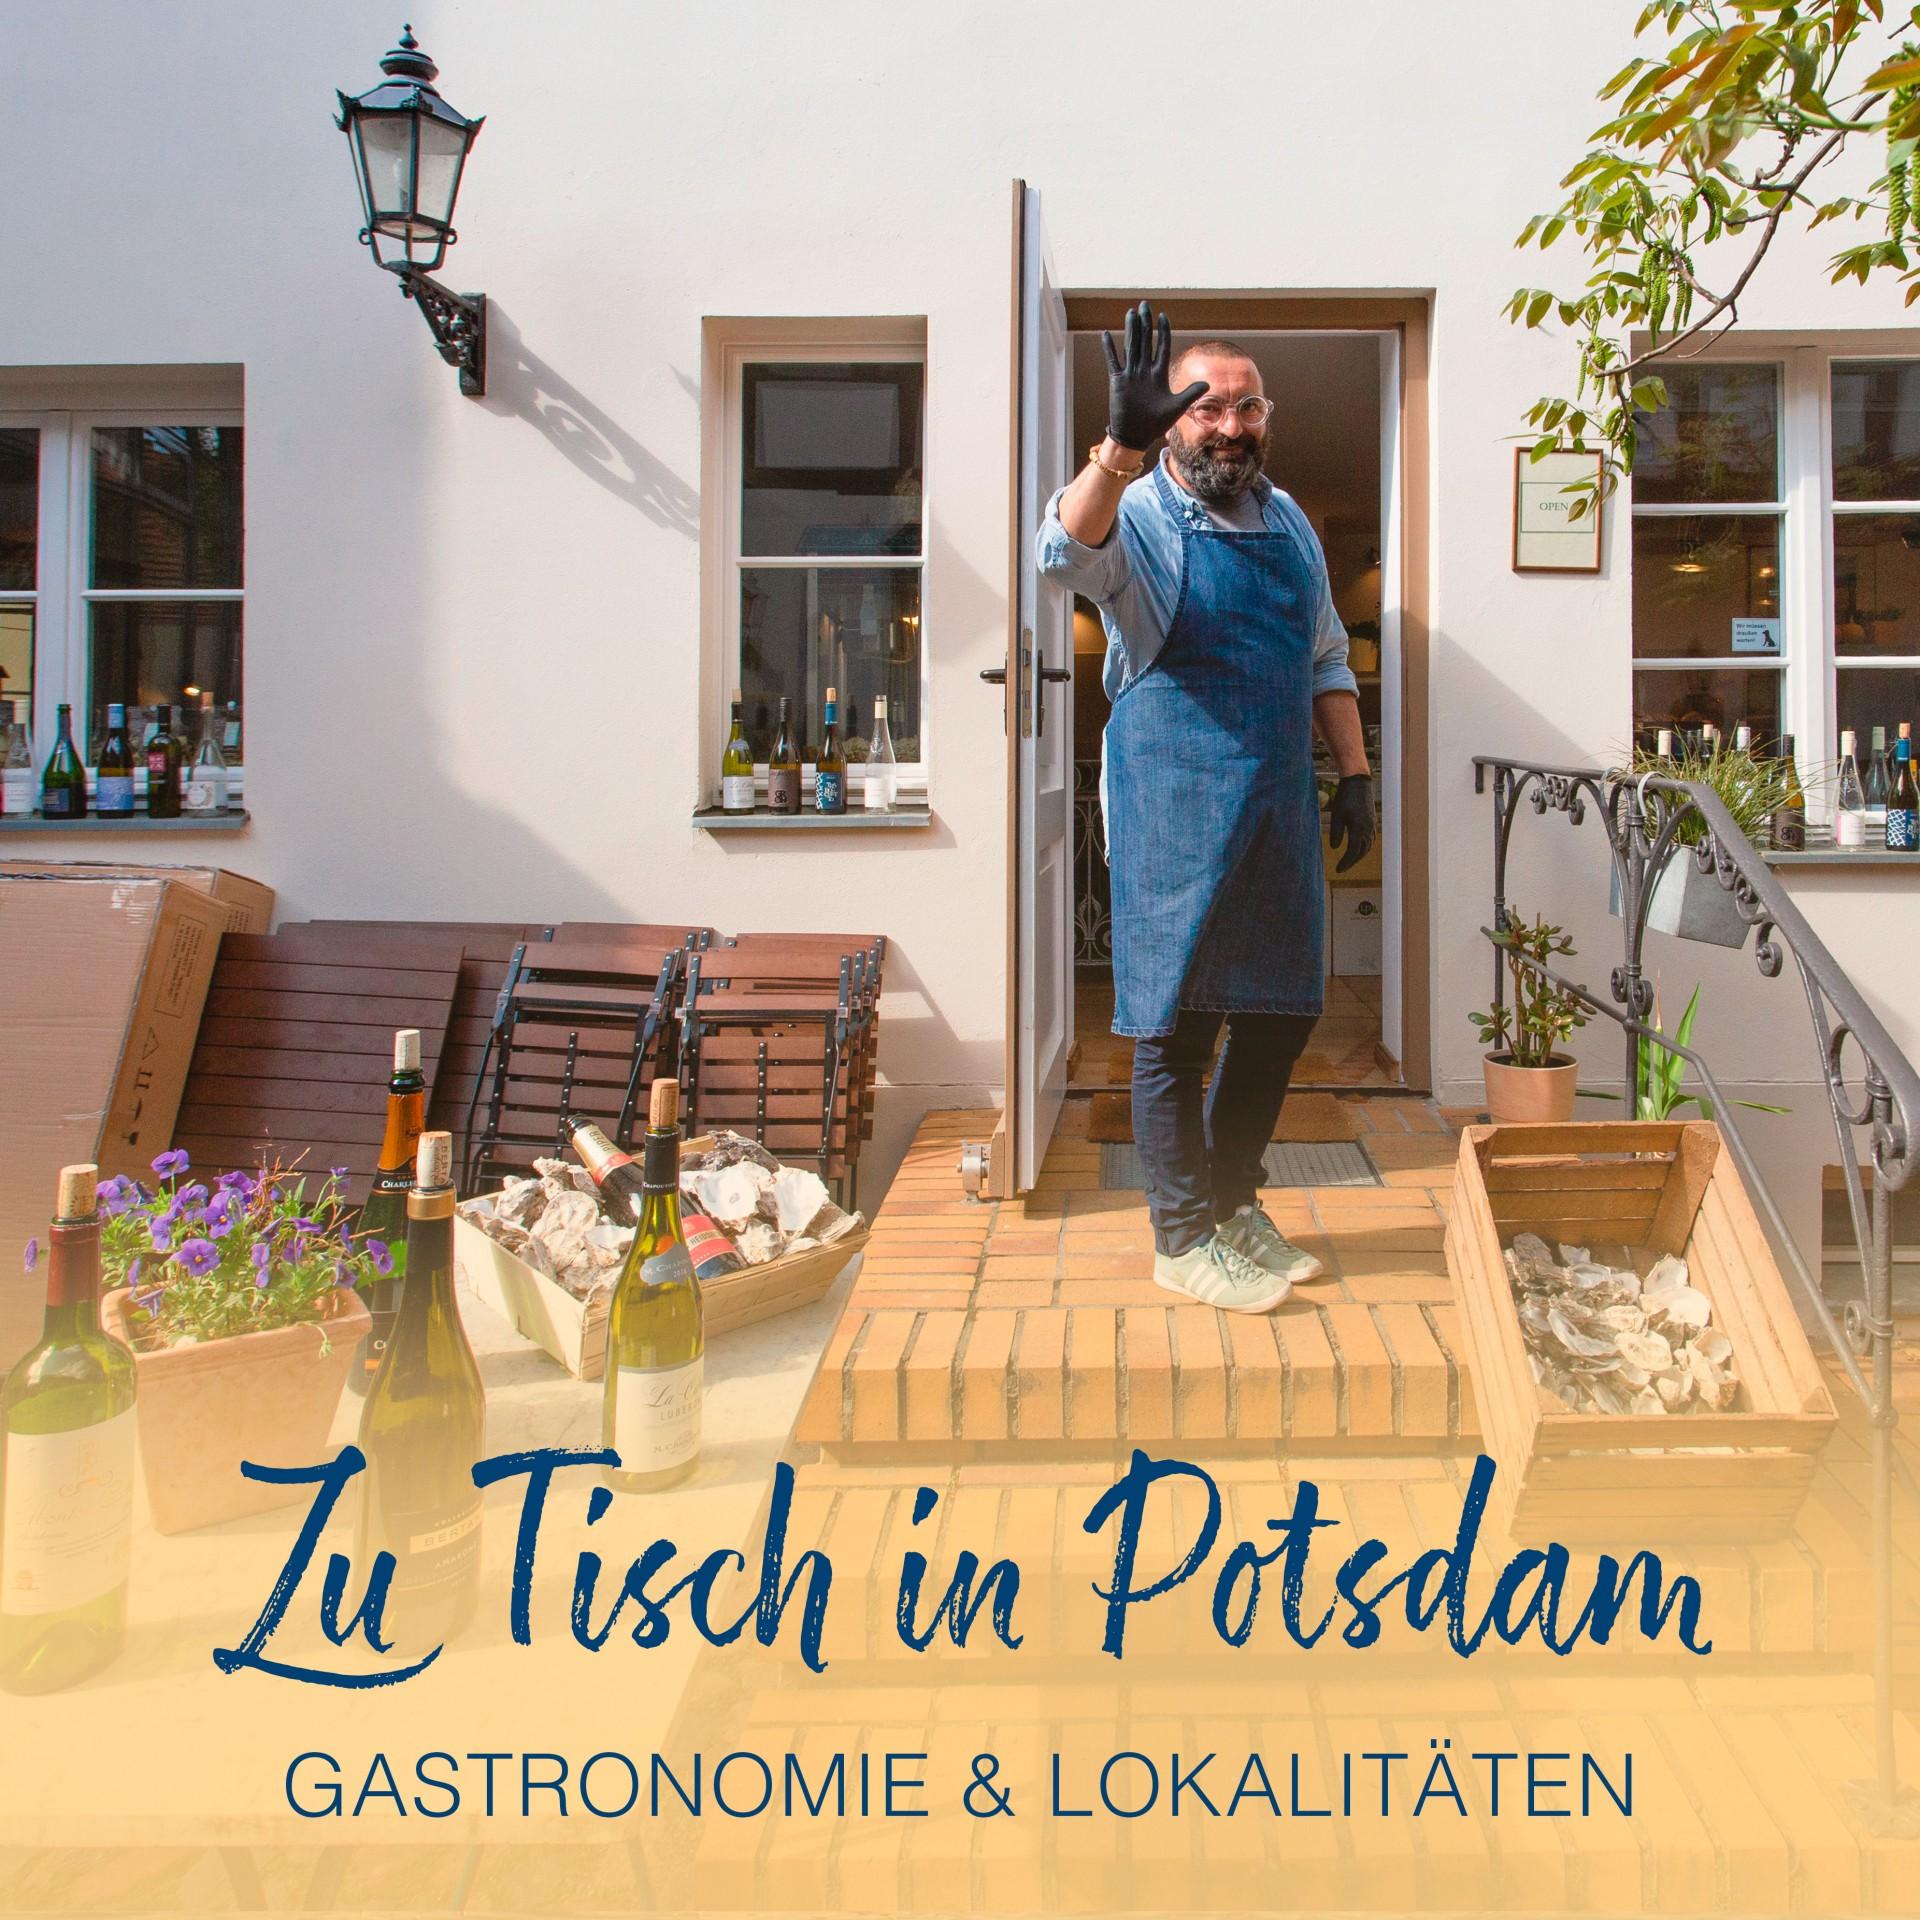 Restaurant-Tipps für Potsdam